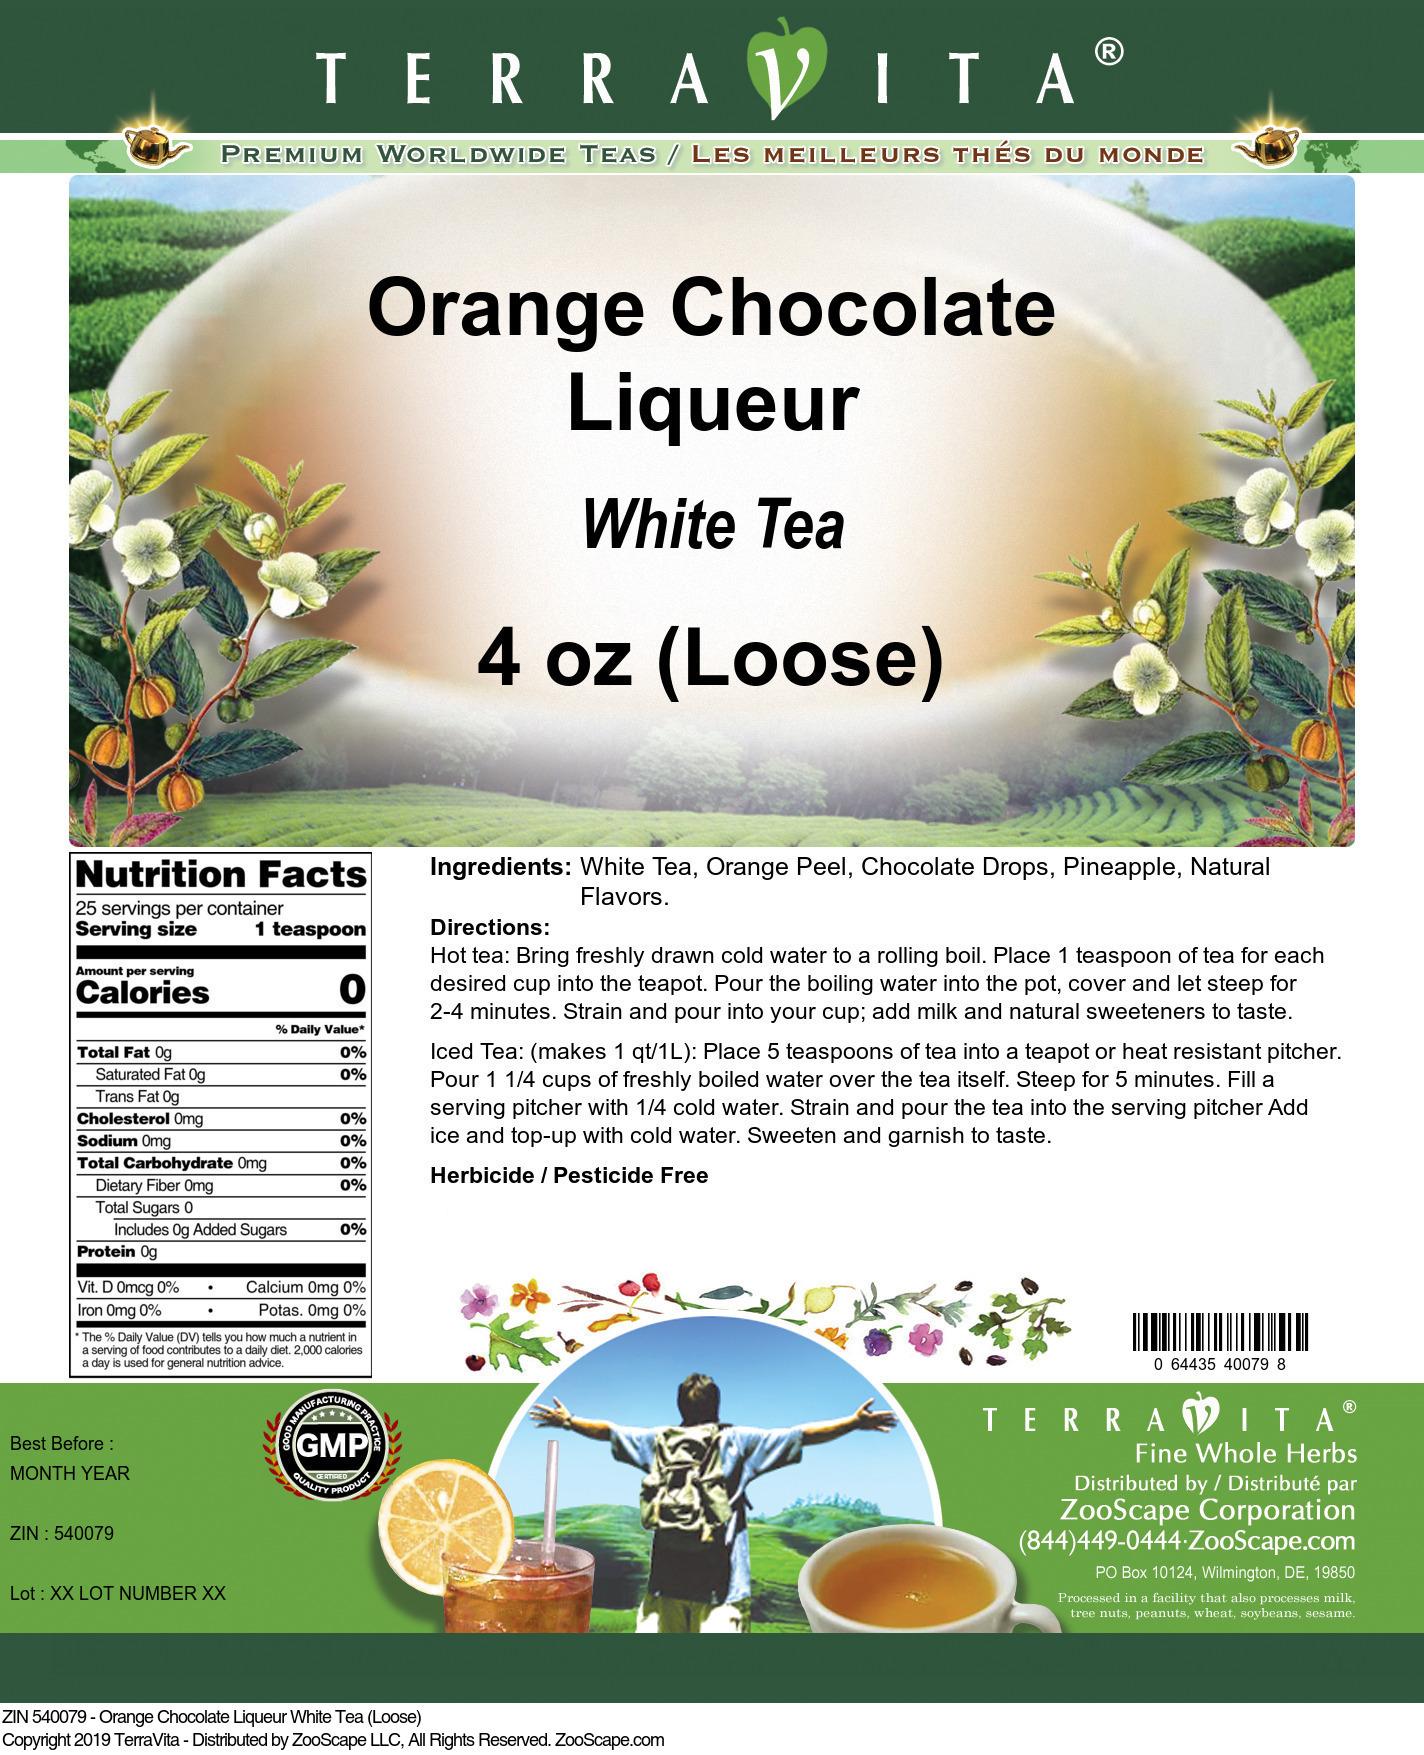 Orange Chocolate Liqueur White Tea